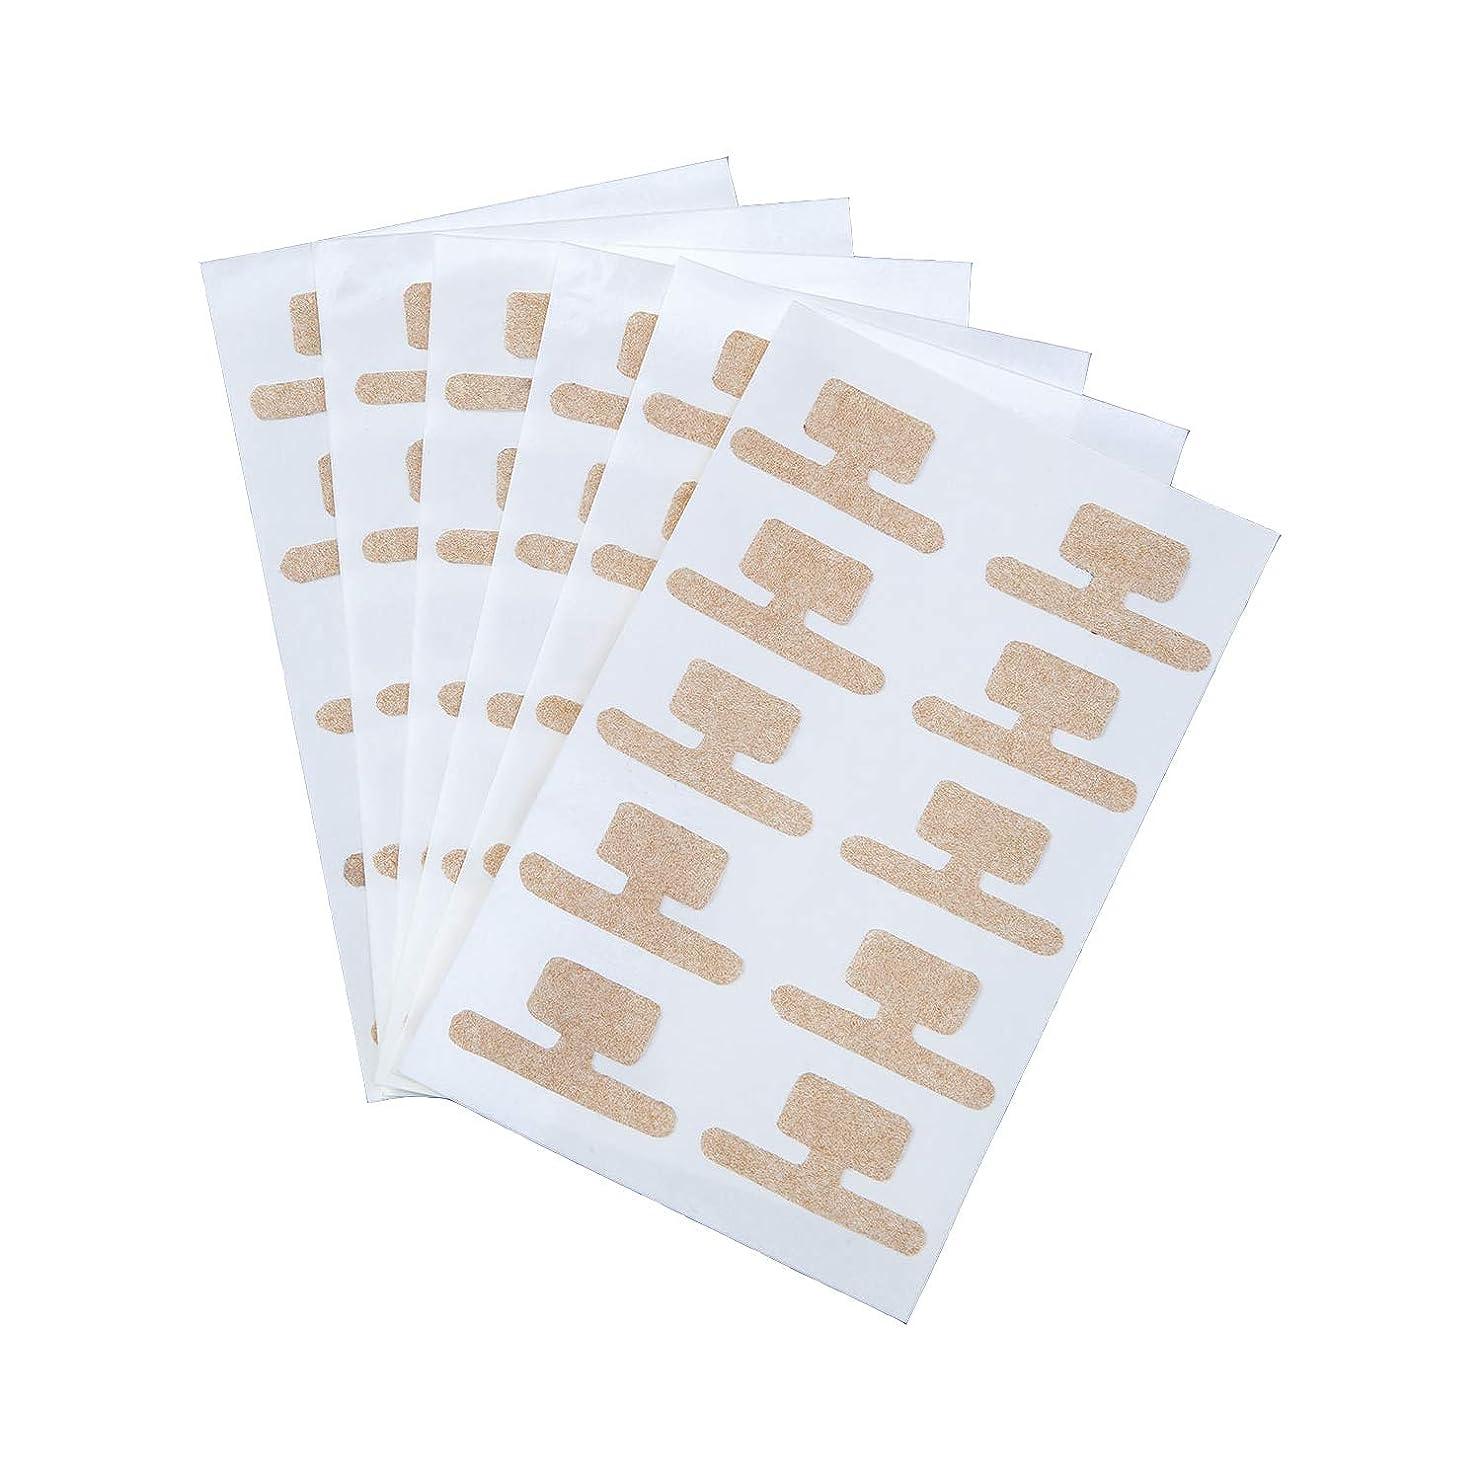 リダクターアーカイブ合意巻き爪ダブルケアテープ 60枚入 持ち上げ シール 食い込み 痛み サポート 貼るだけ 足 フットケア